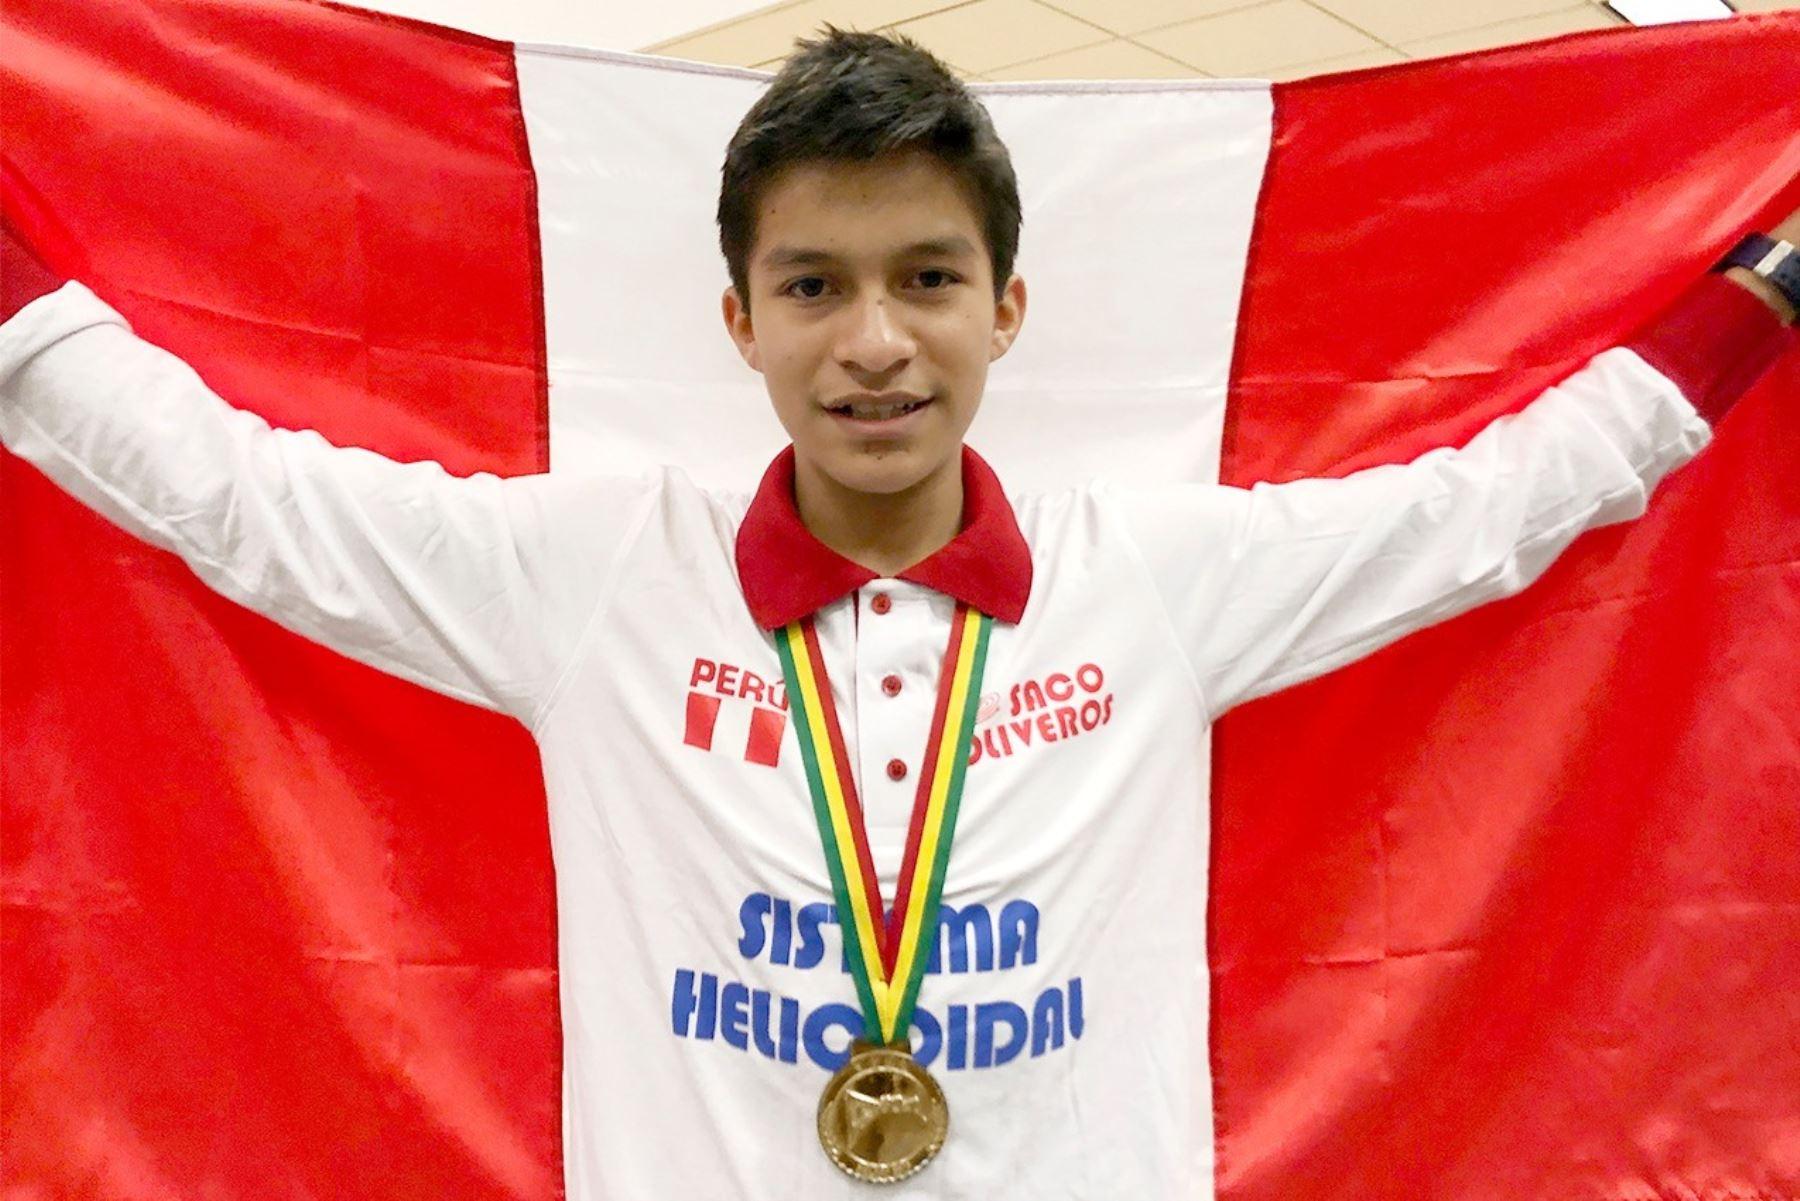 Escolar peruano, Mario Pariona Molocho, gana medalla de oro en olimpiada mundial de matemática